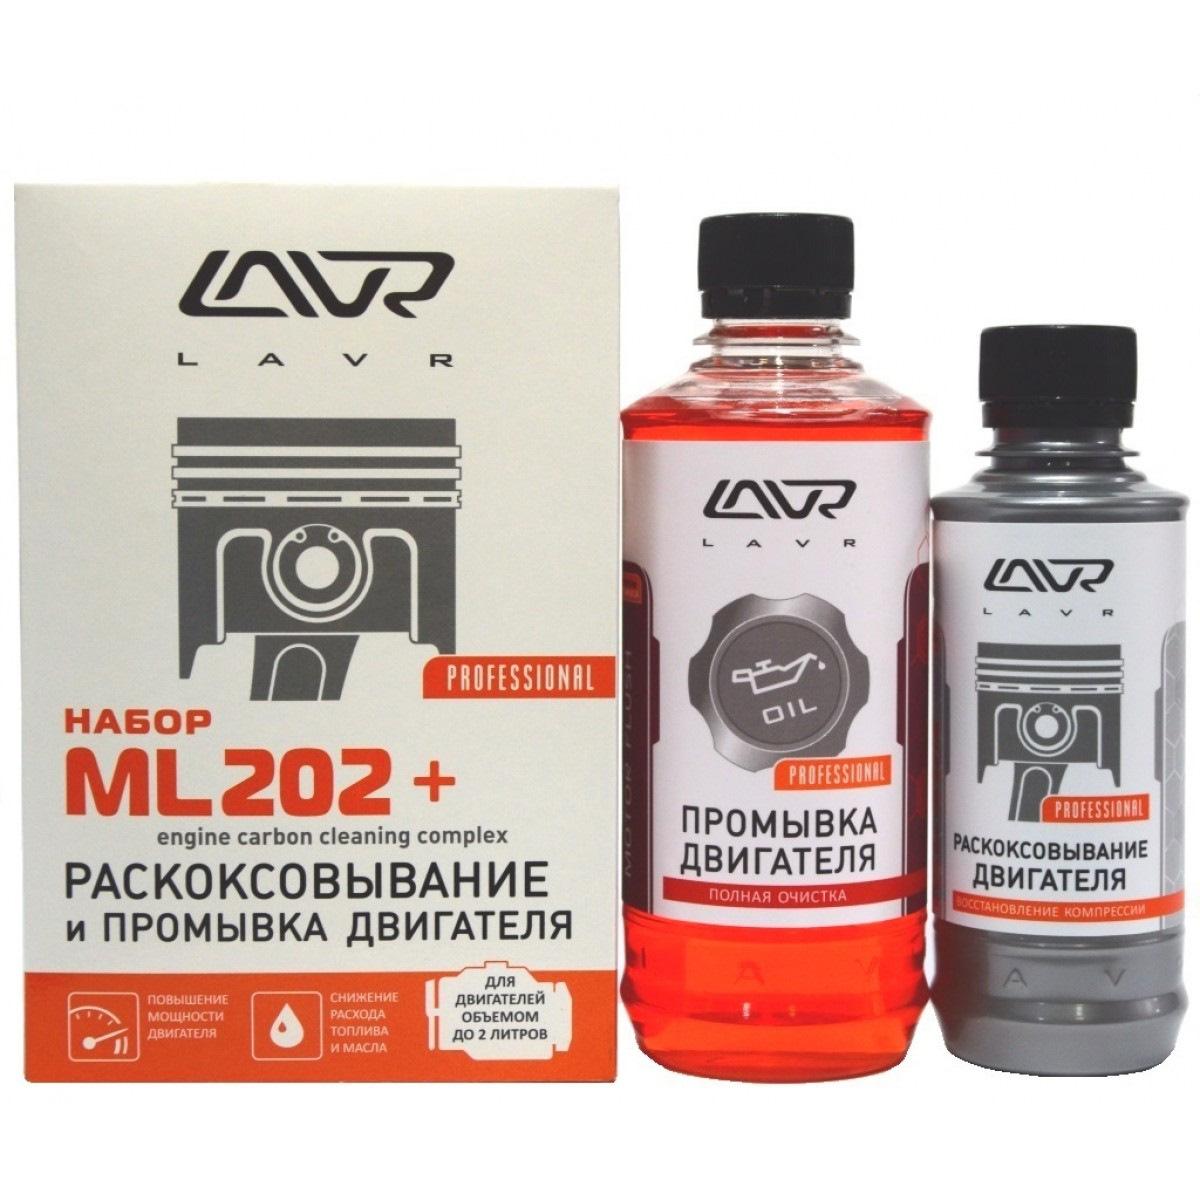 Набор: Раскоксовывание двигателя  ML-202 + Промывка двигателя (для двигателей до